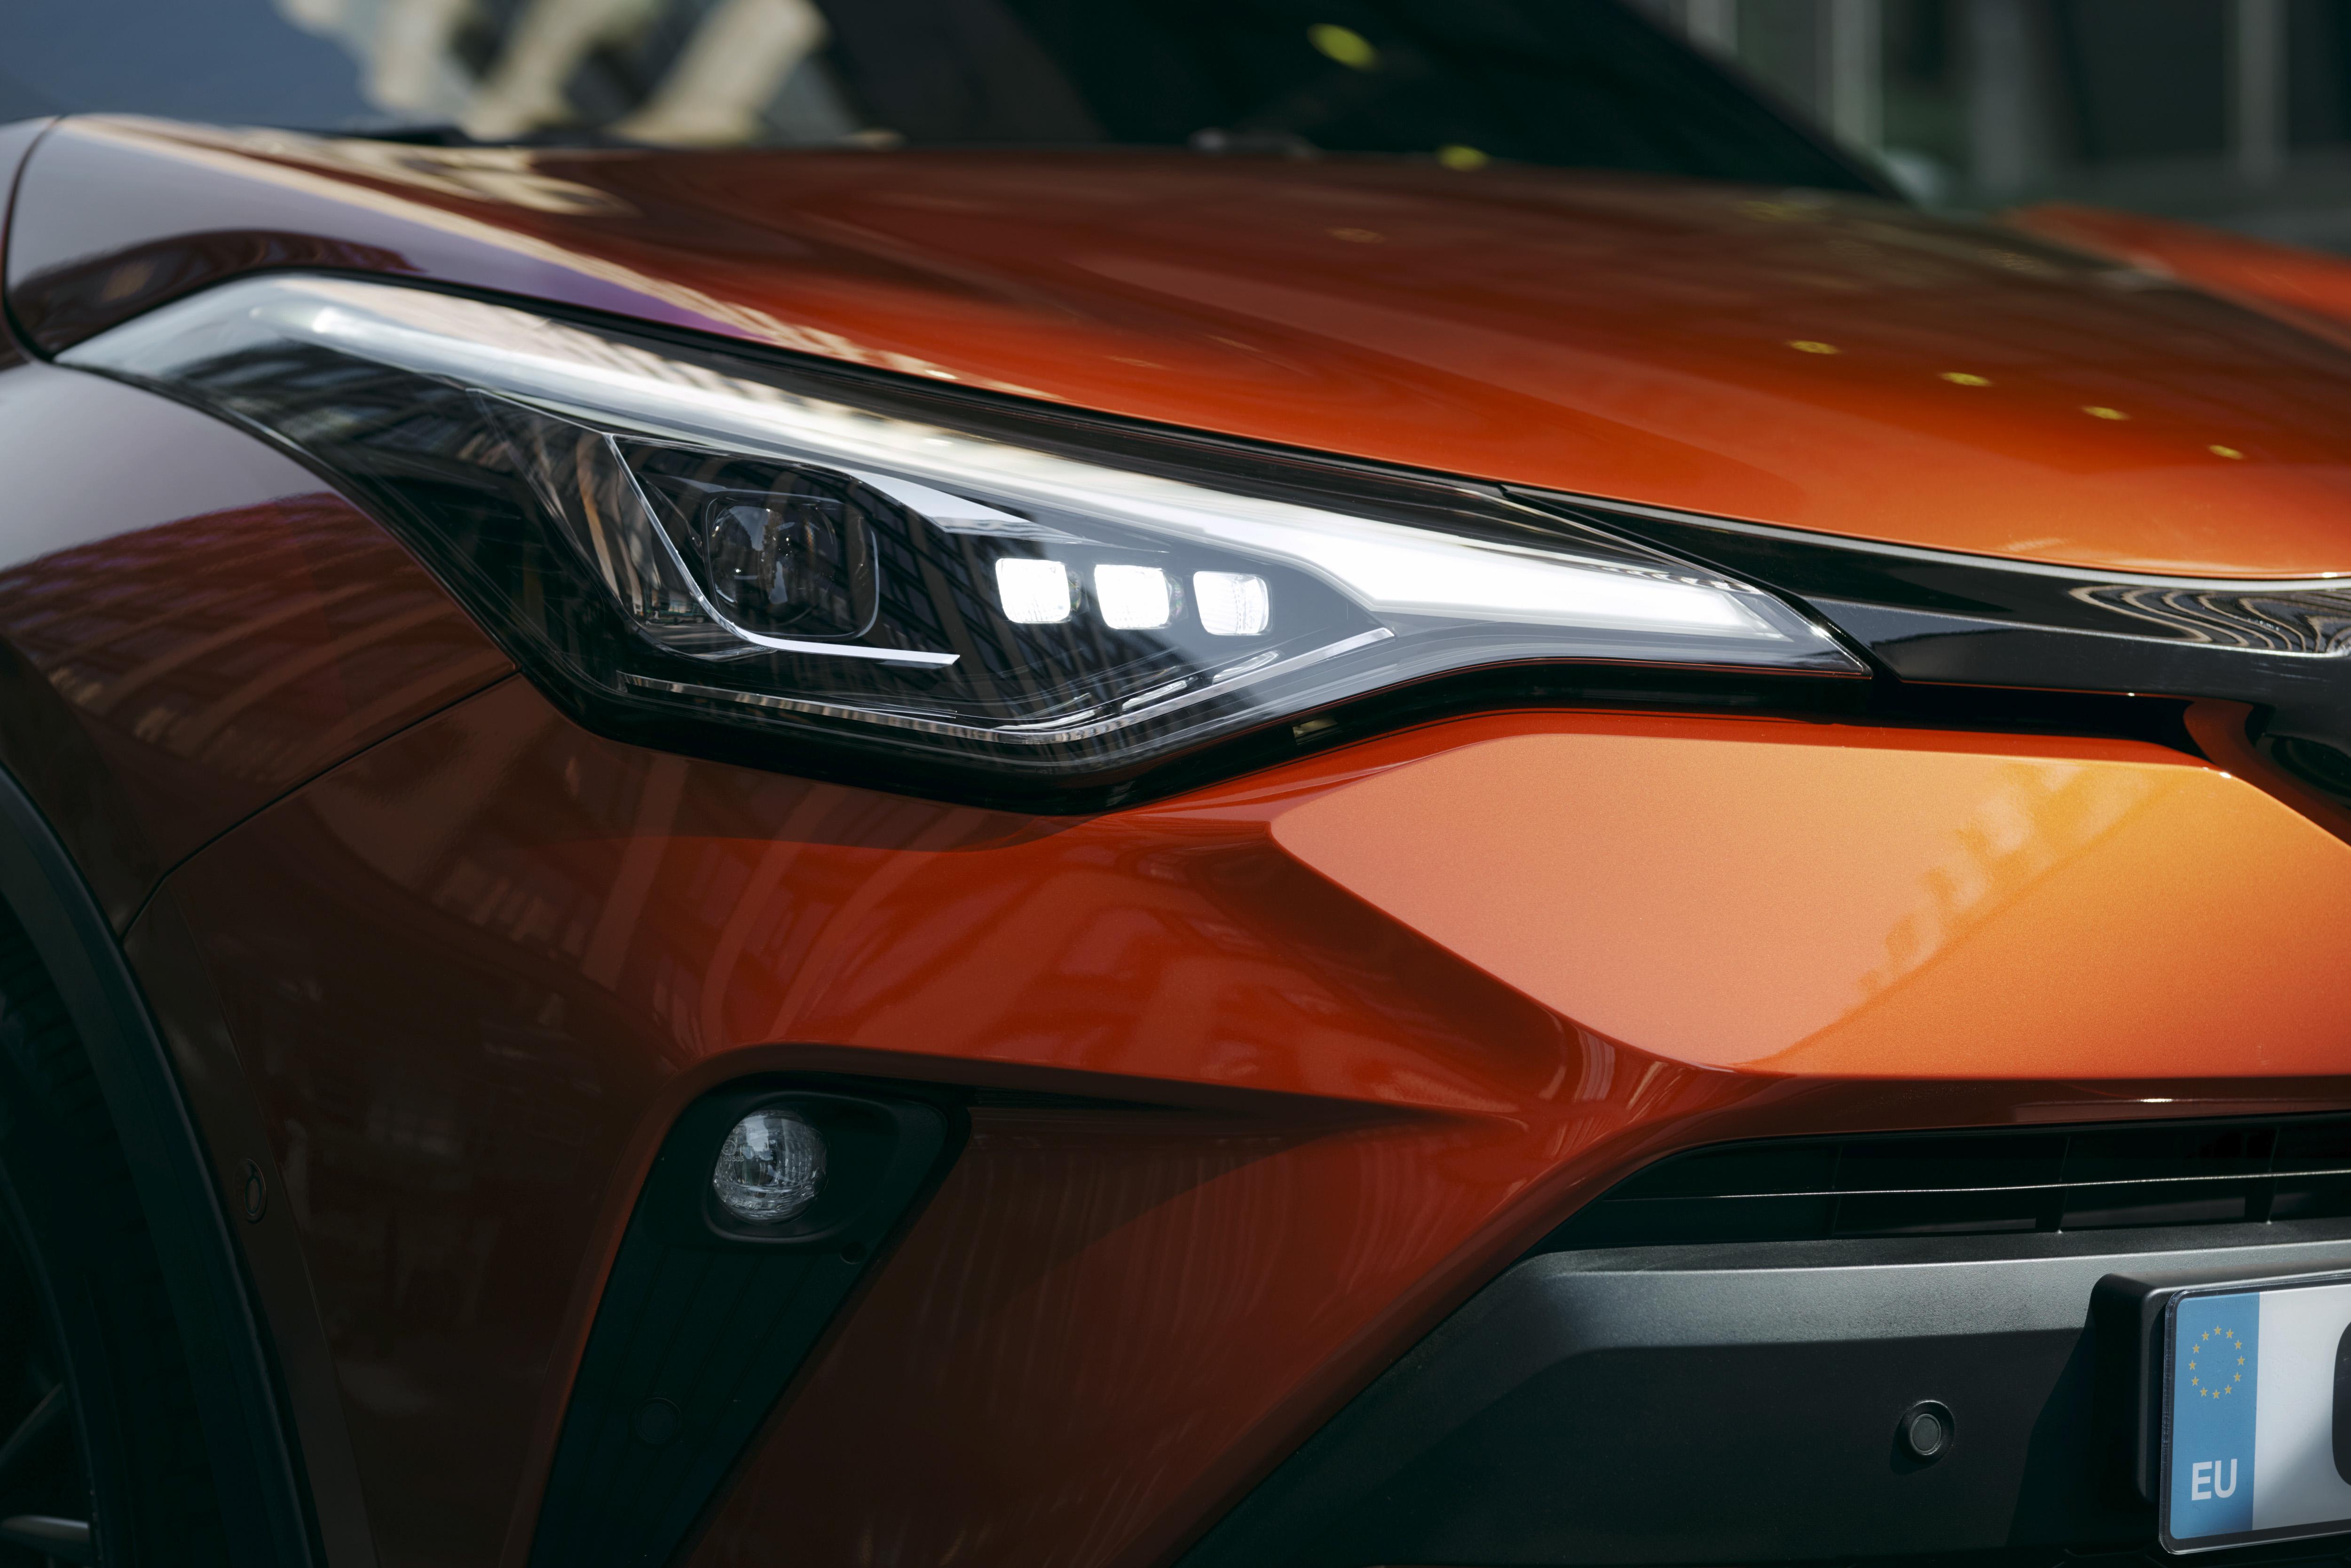 Toyota C-HR, adesso doppia motorizzazione ibrida – Dossier